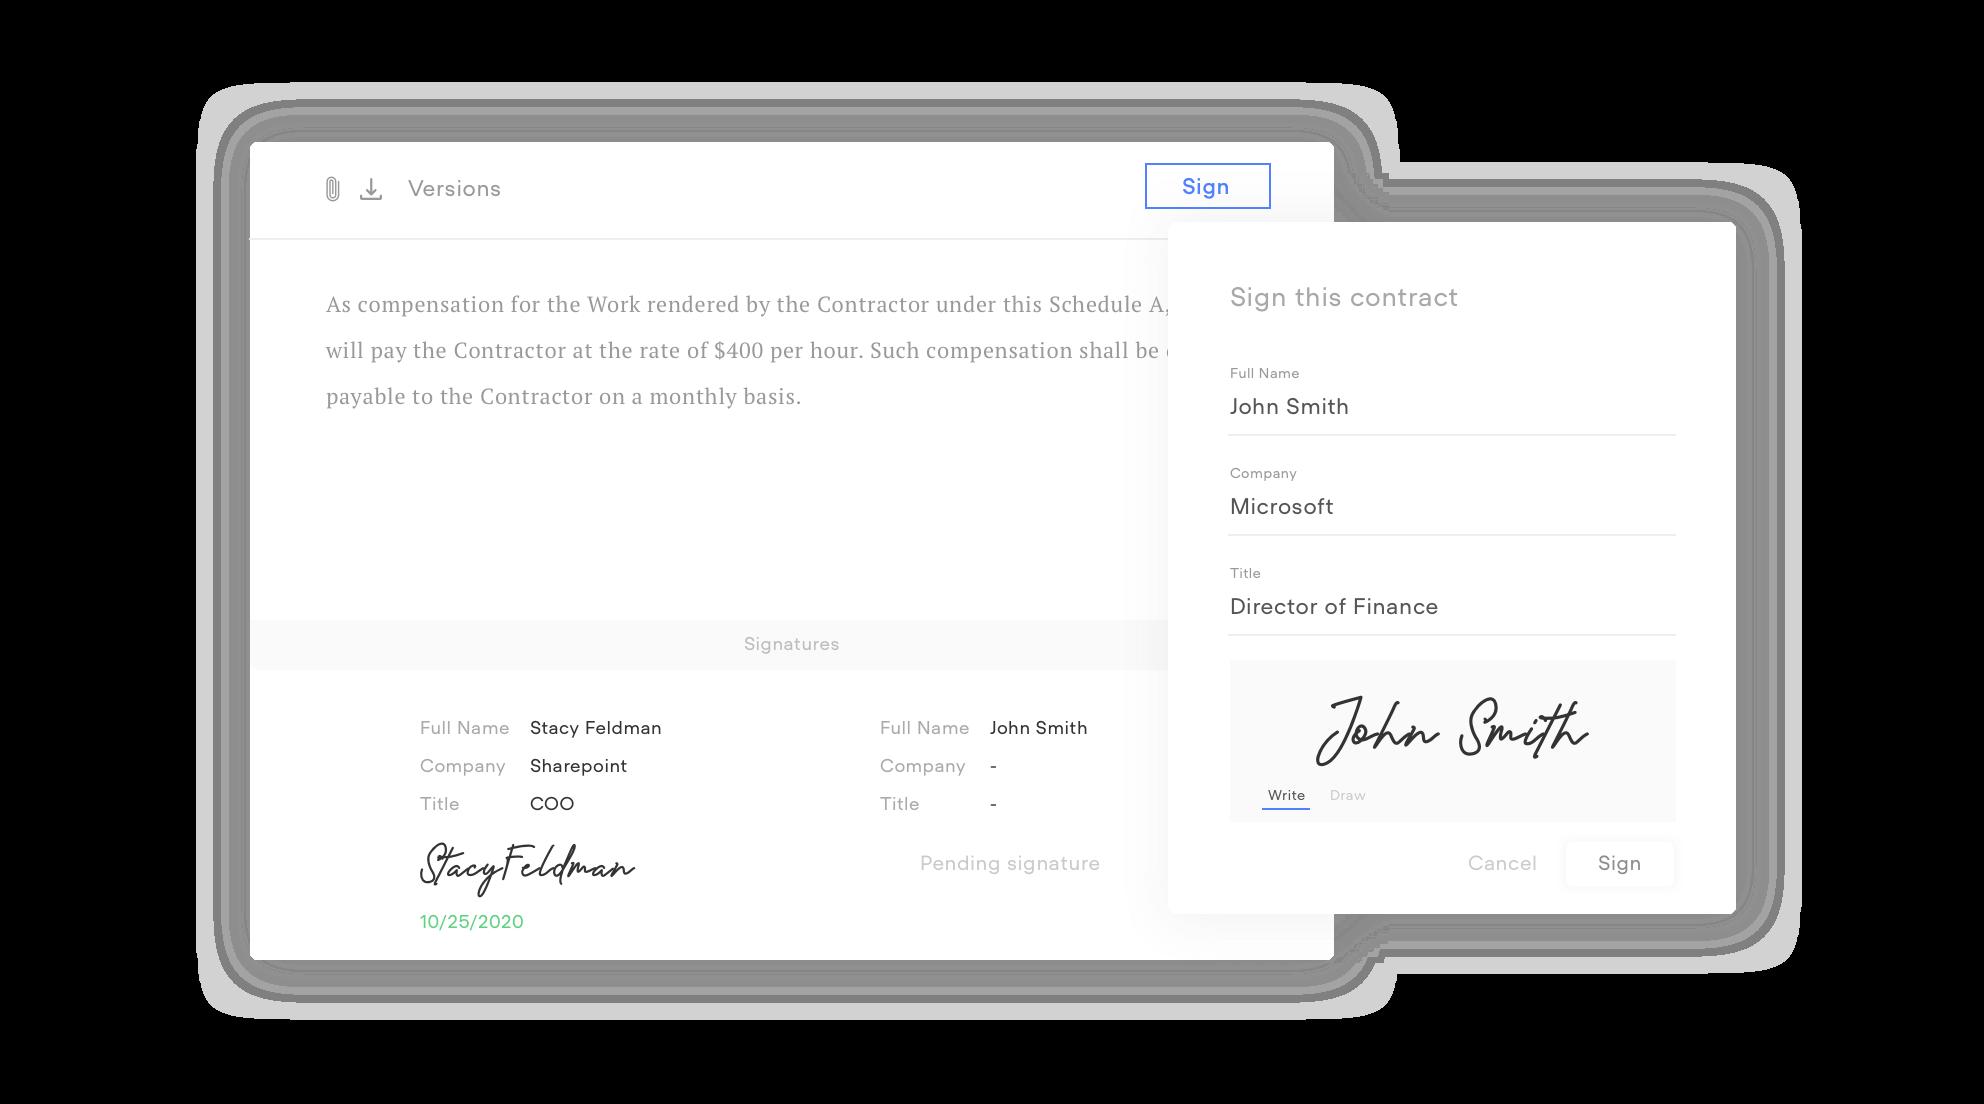 Free e-signature solution example from ConcordNow.com